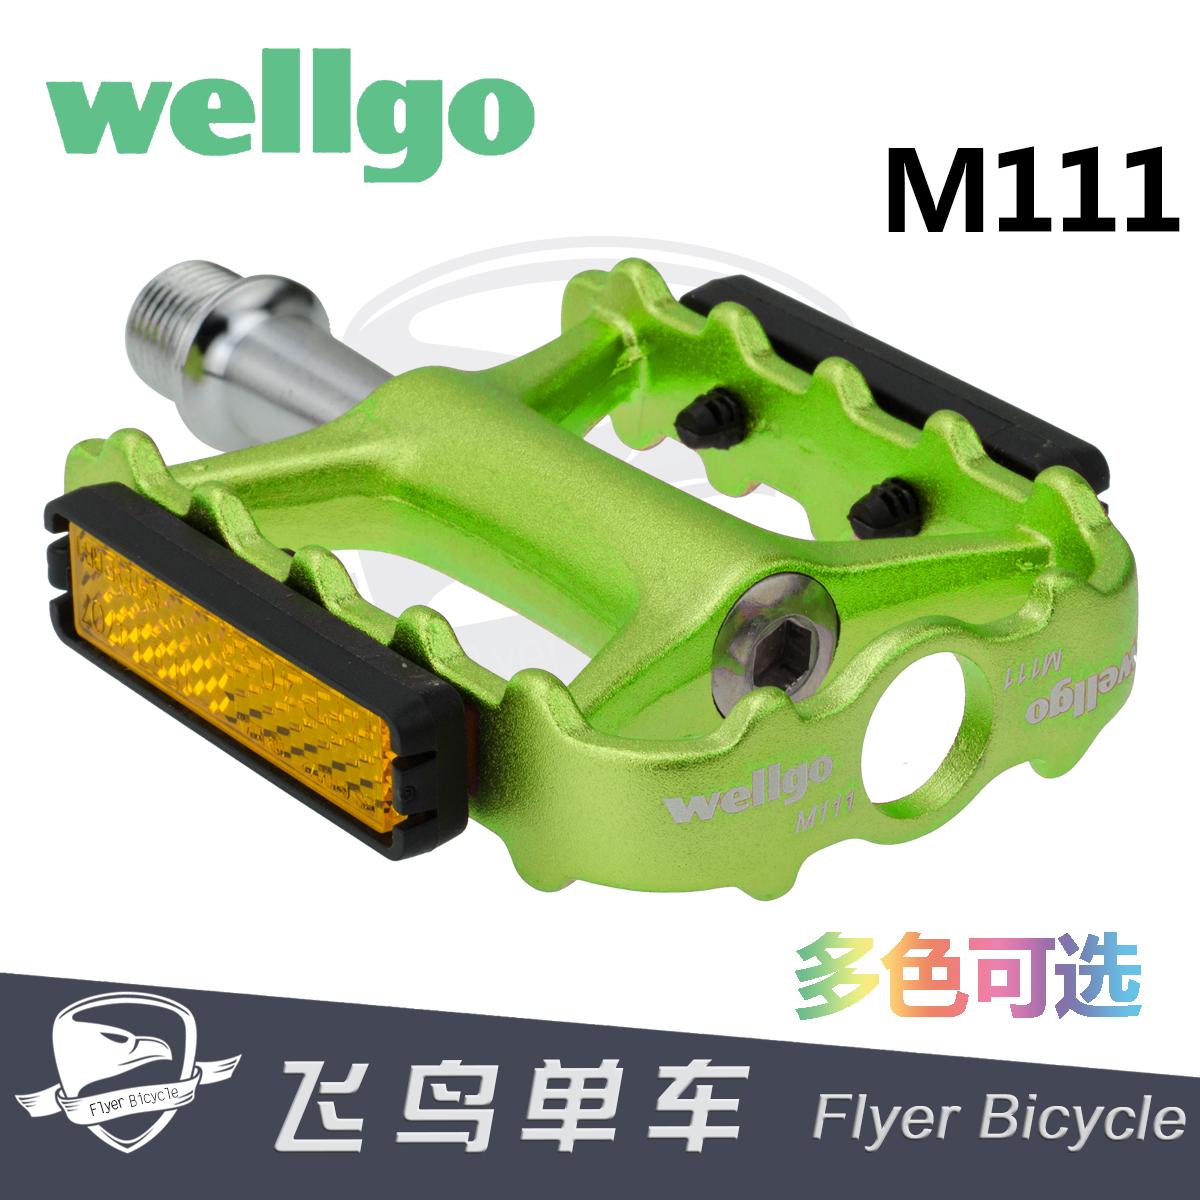 維格wellgo M111腳踏 非快拆 培林摺疊車軸承踏板 行貨 送反光片